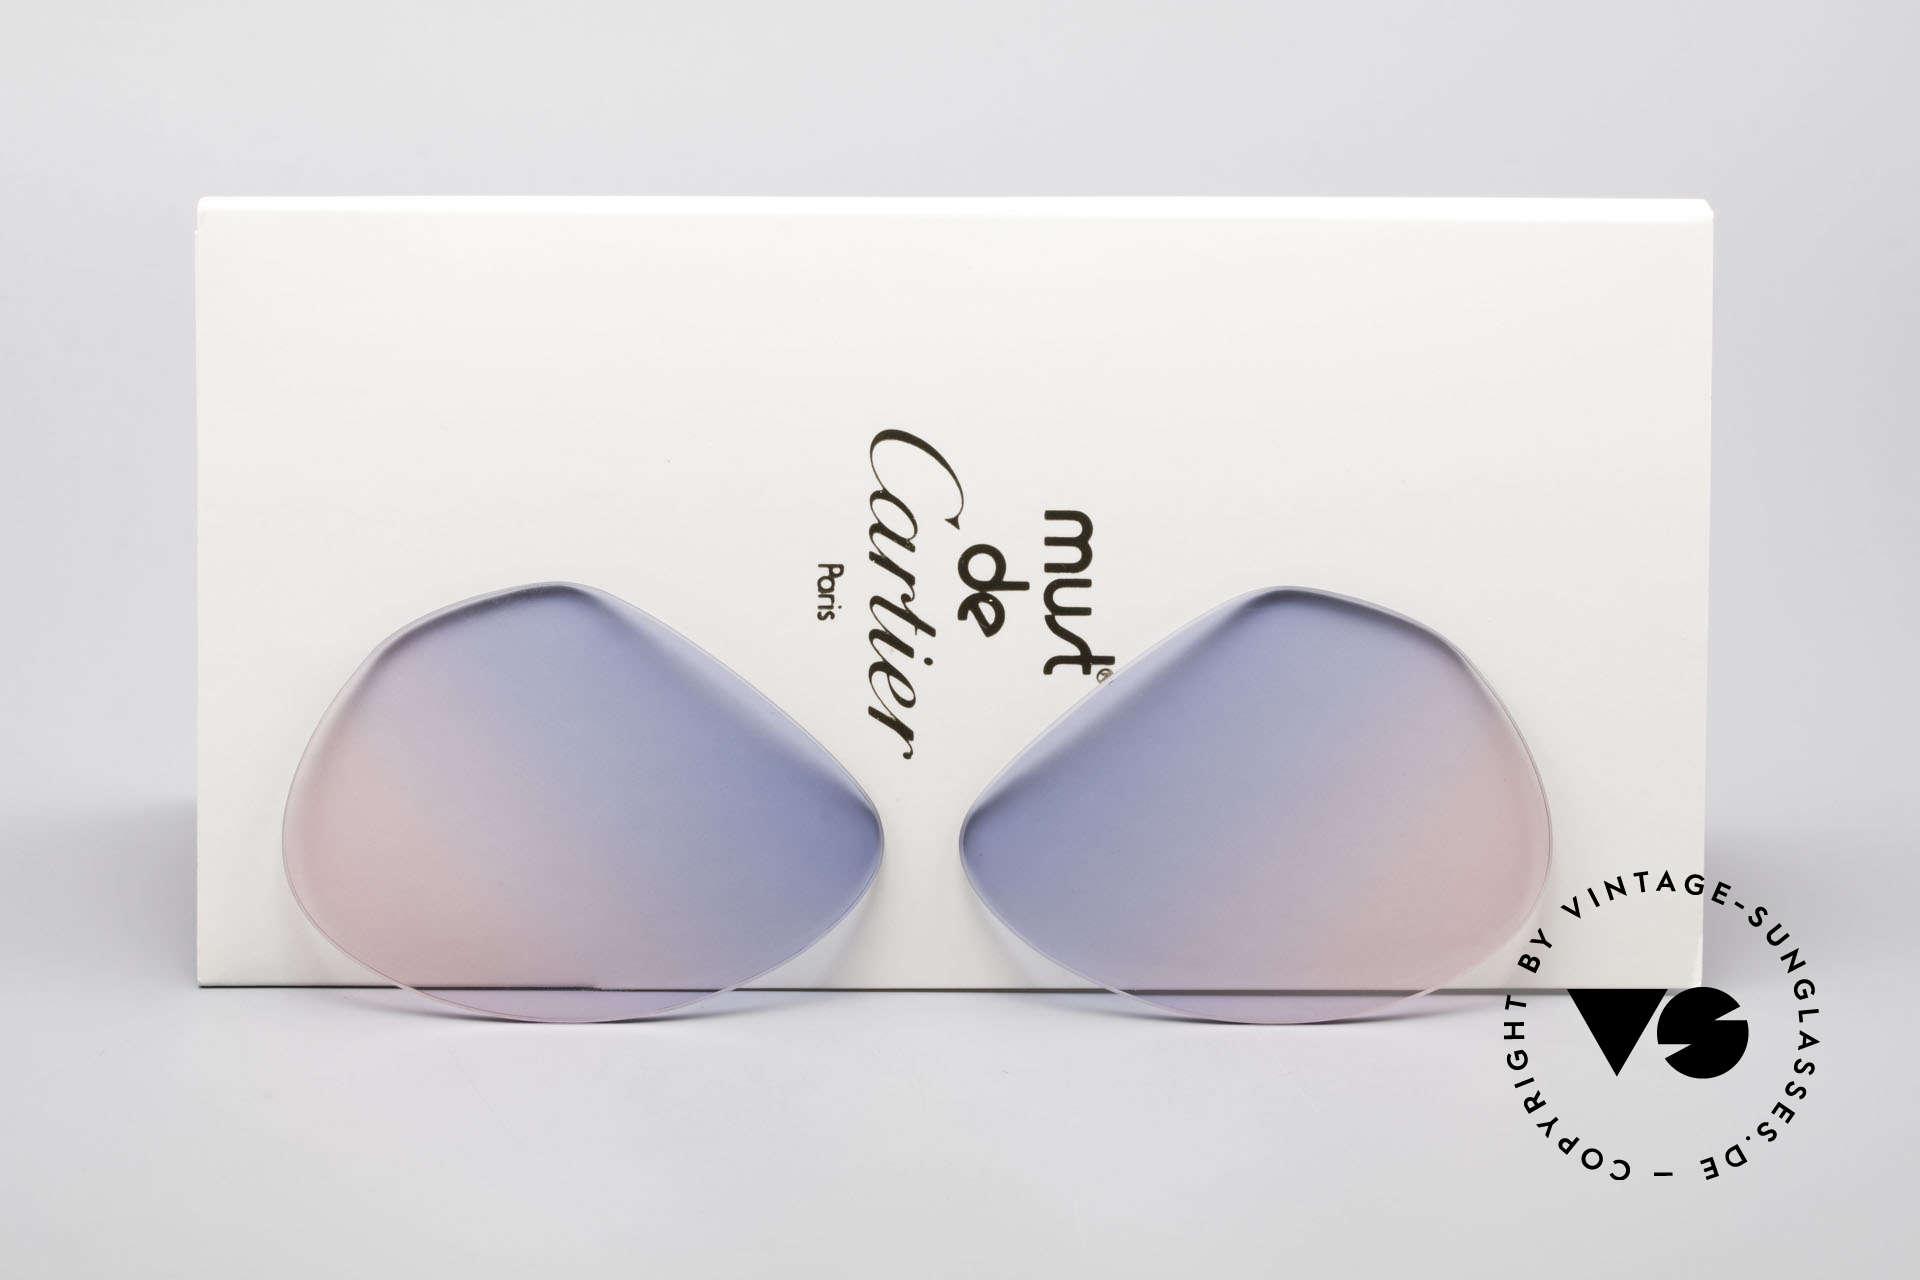 Cartier Vendome Lenses - M Sun Lenses Blue Pink Gradient, replacement lenses for Cartier mod. Vendome 59mm size, Made for Men